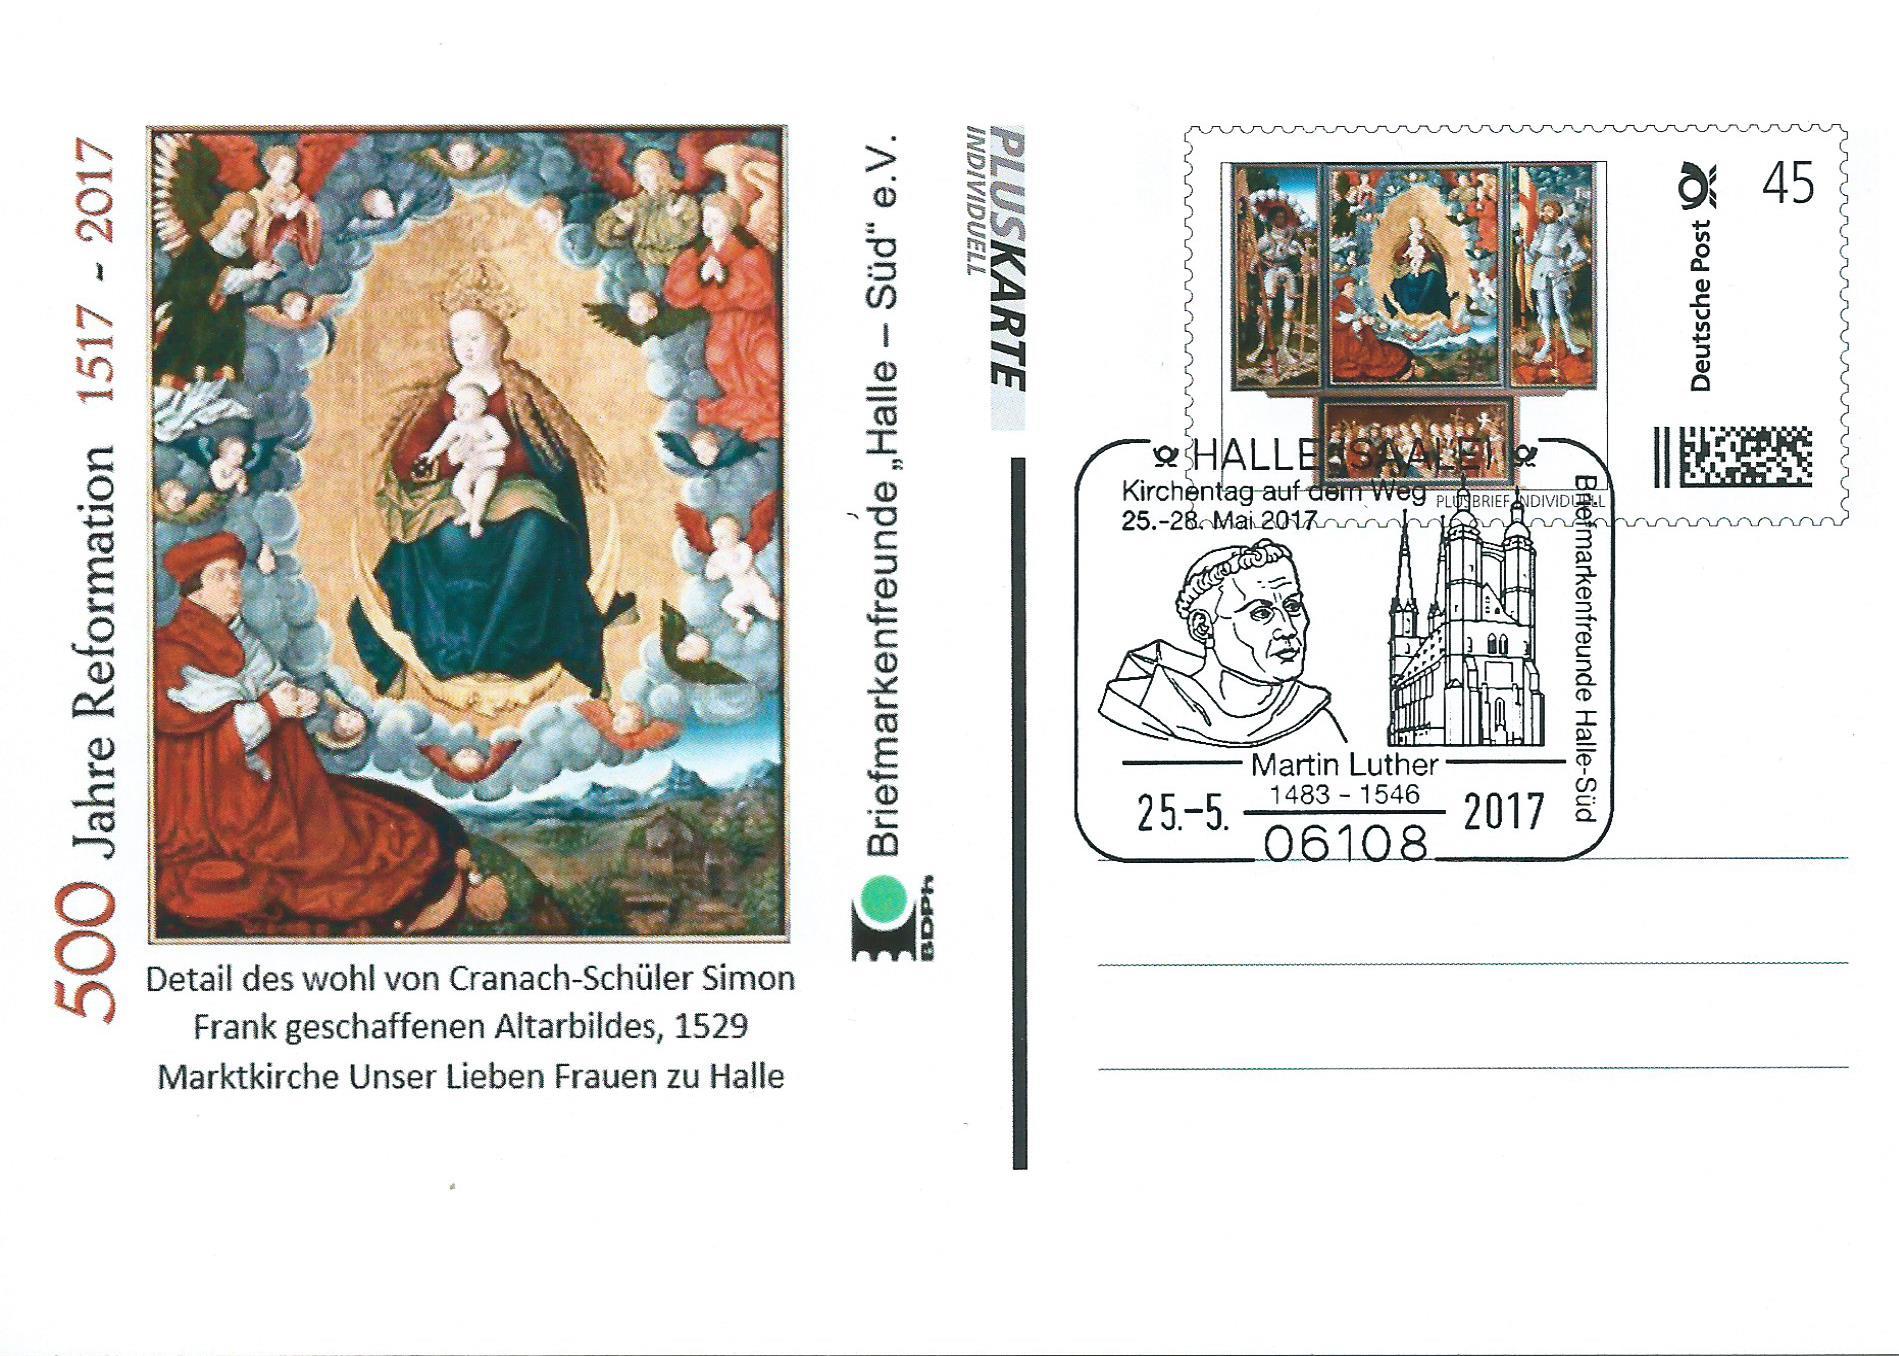 Pluskarte_02_SST